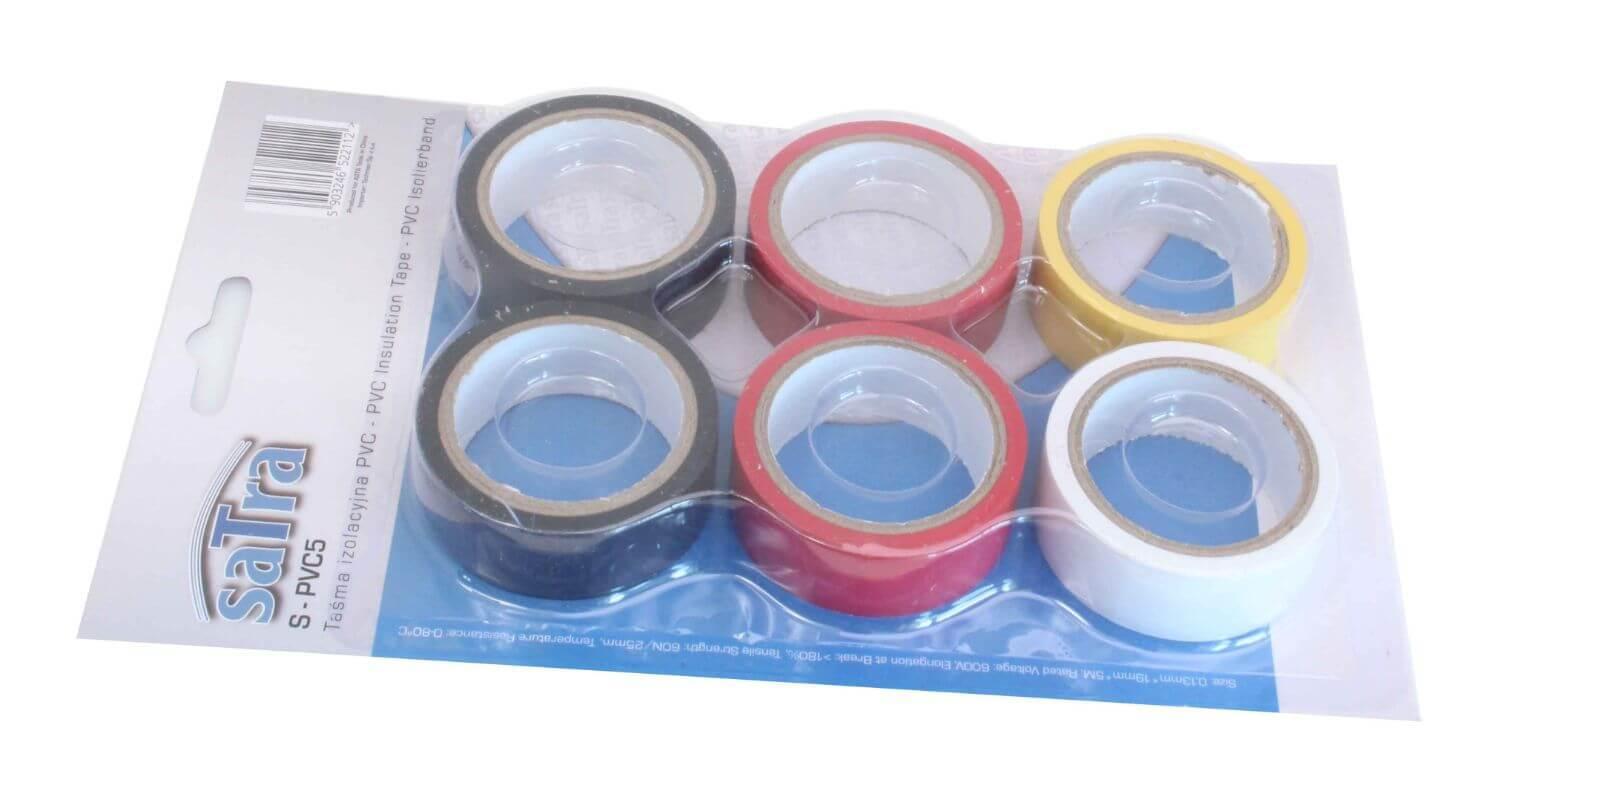 Izolační elektrikářské pásky PVC, 5 m x 19 mm, sada 6 ks - SATRA